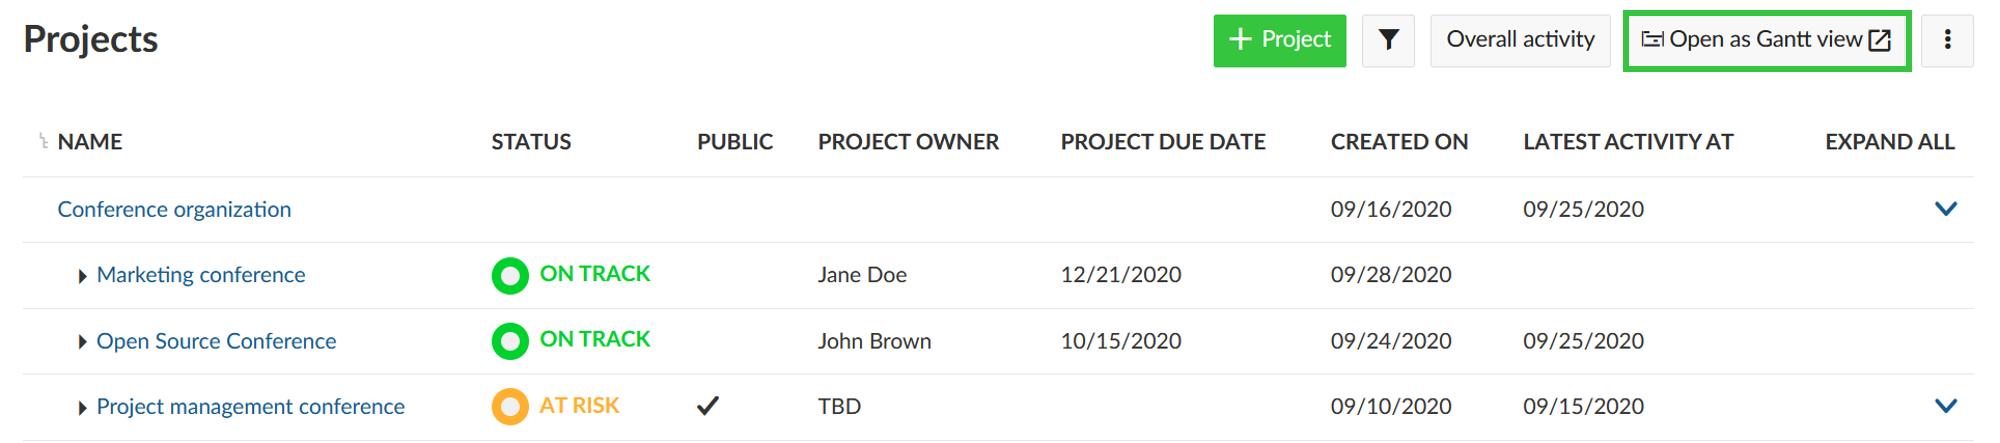 project-portfolio-management